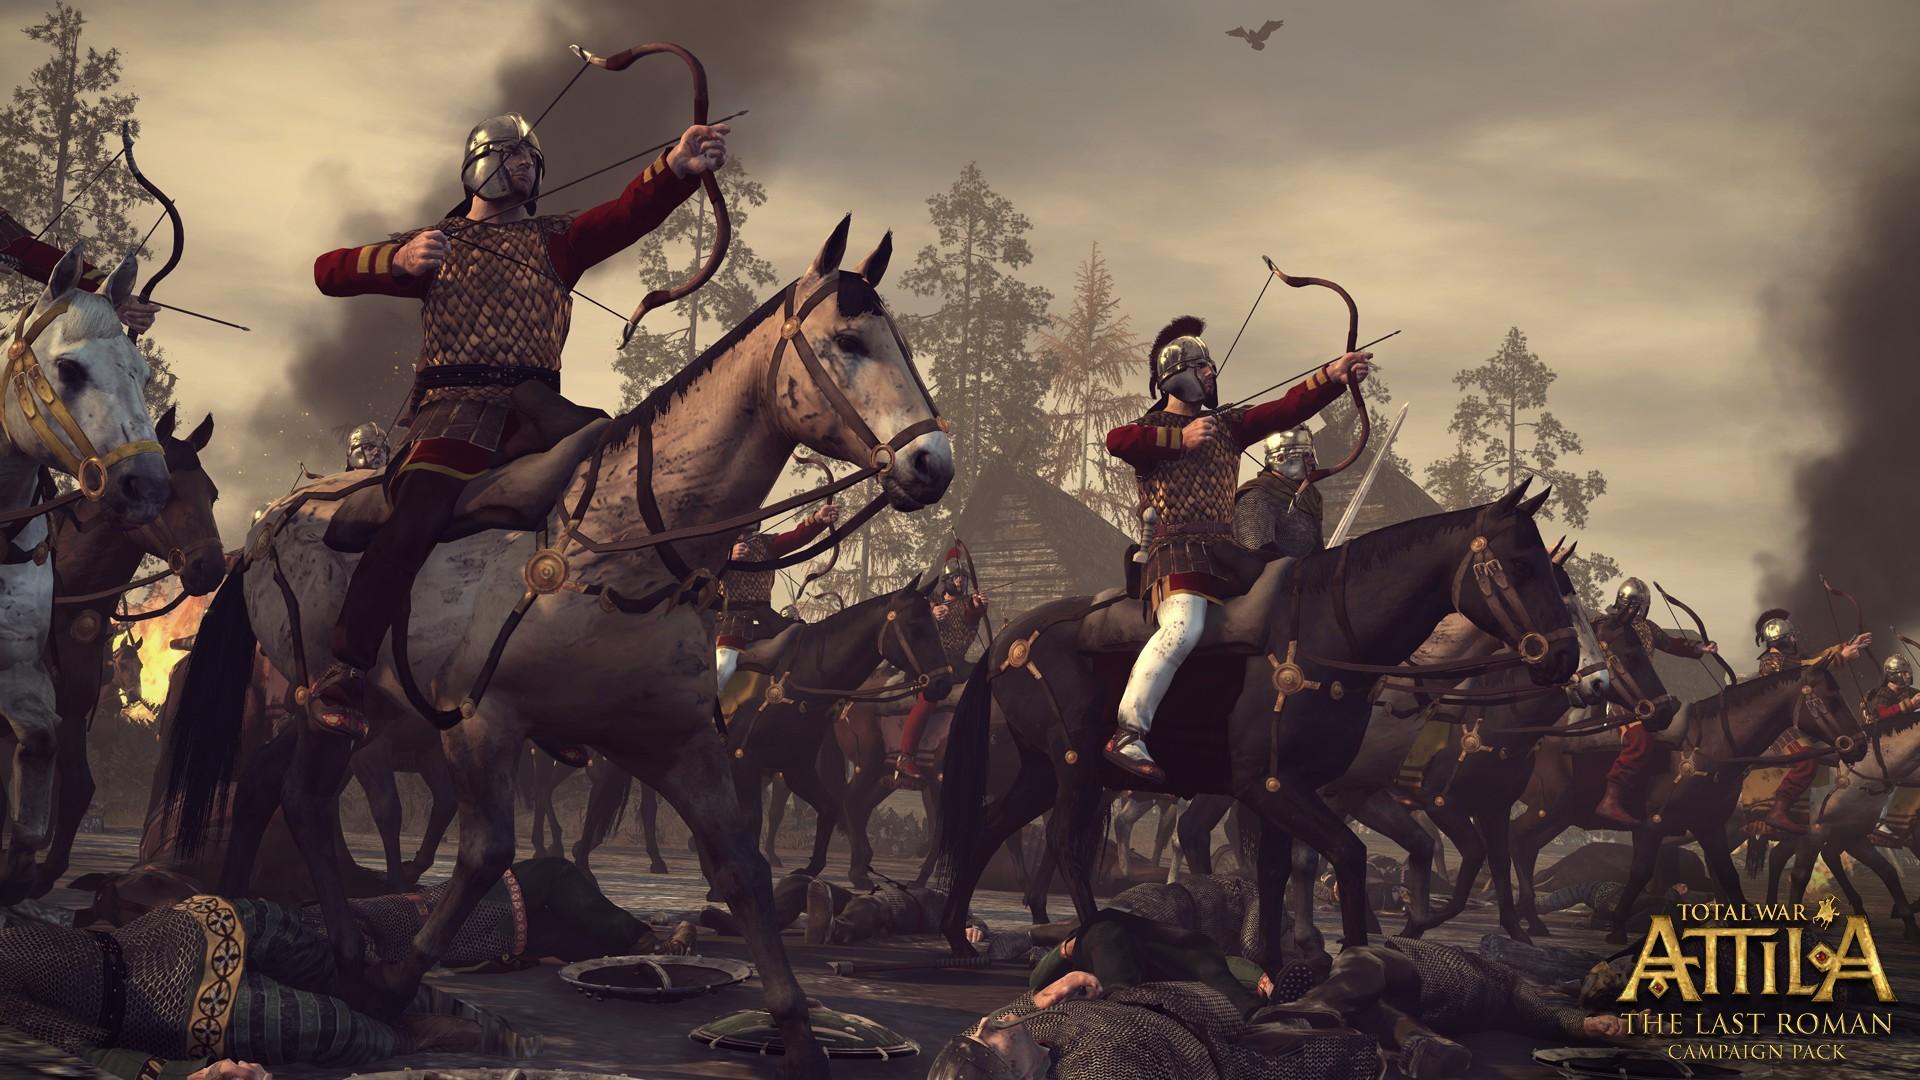 Attila Total War Wallpaper: Buy Total War: Attila